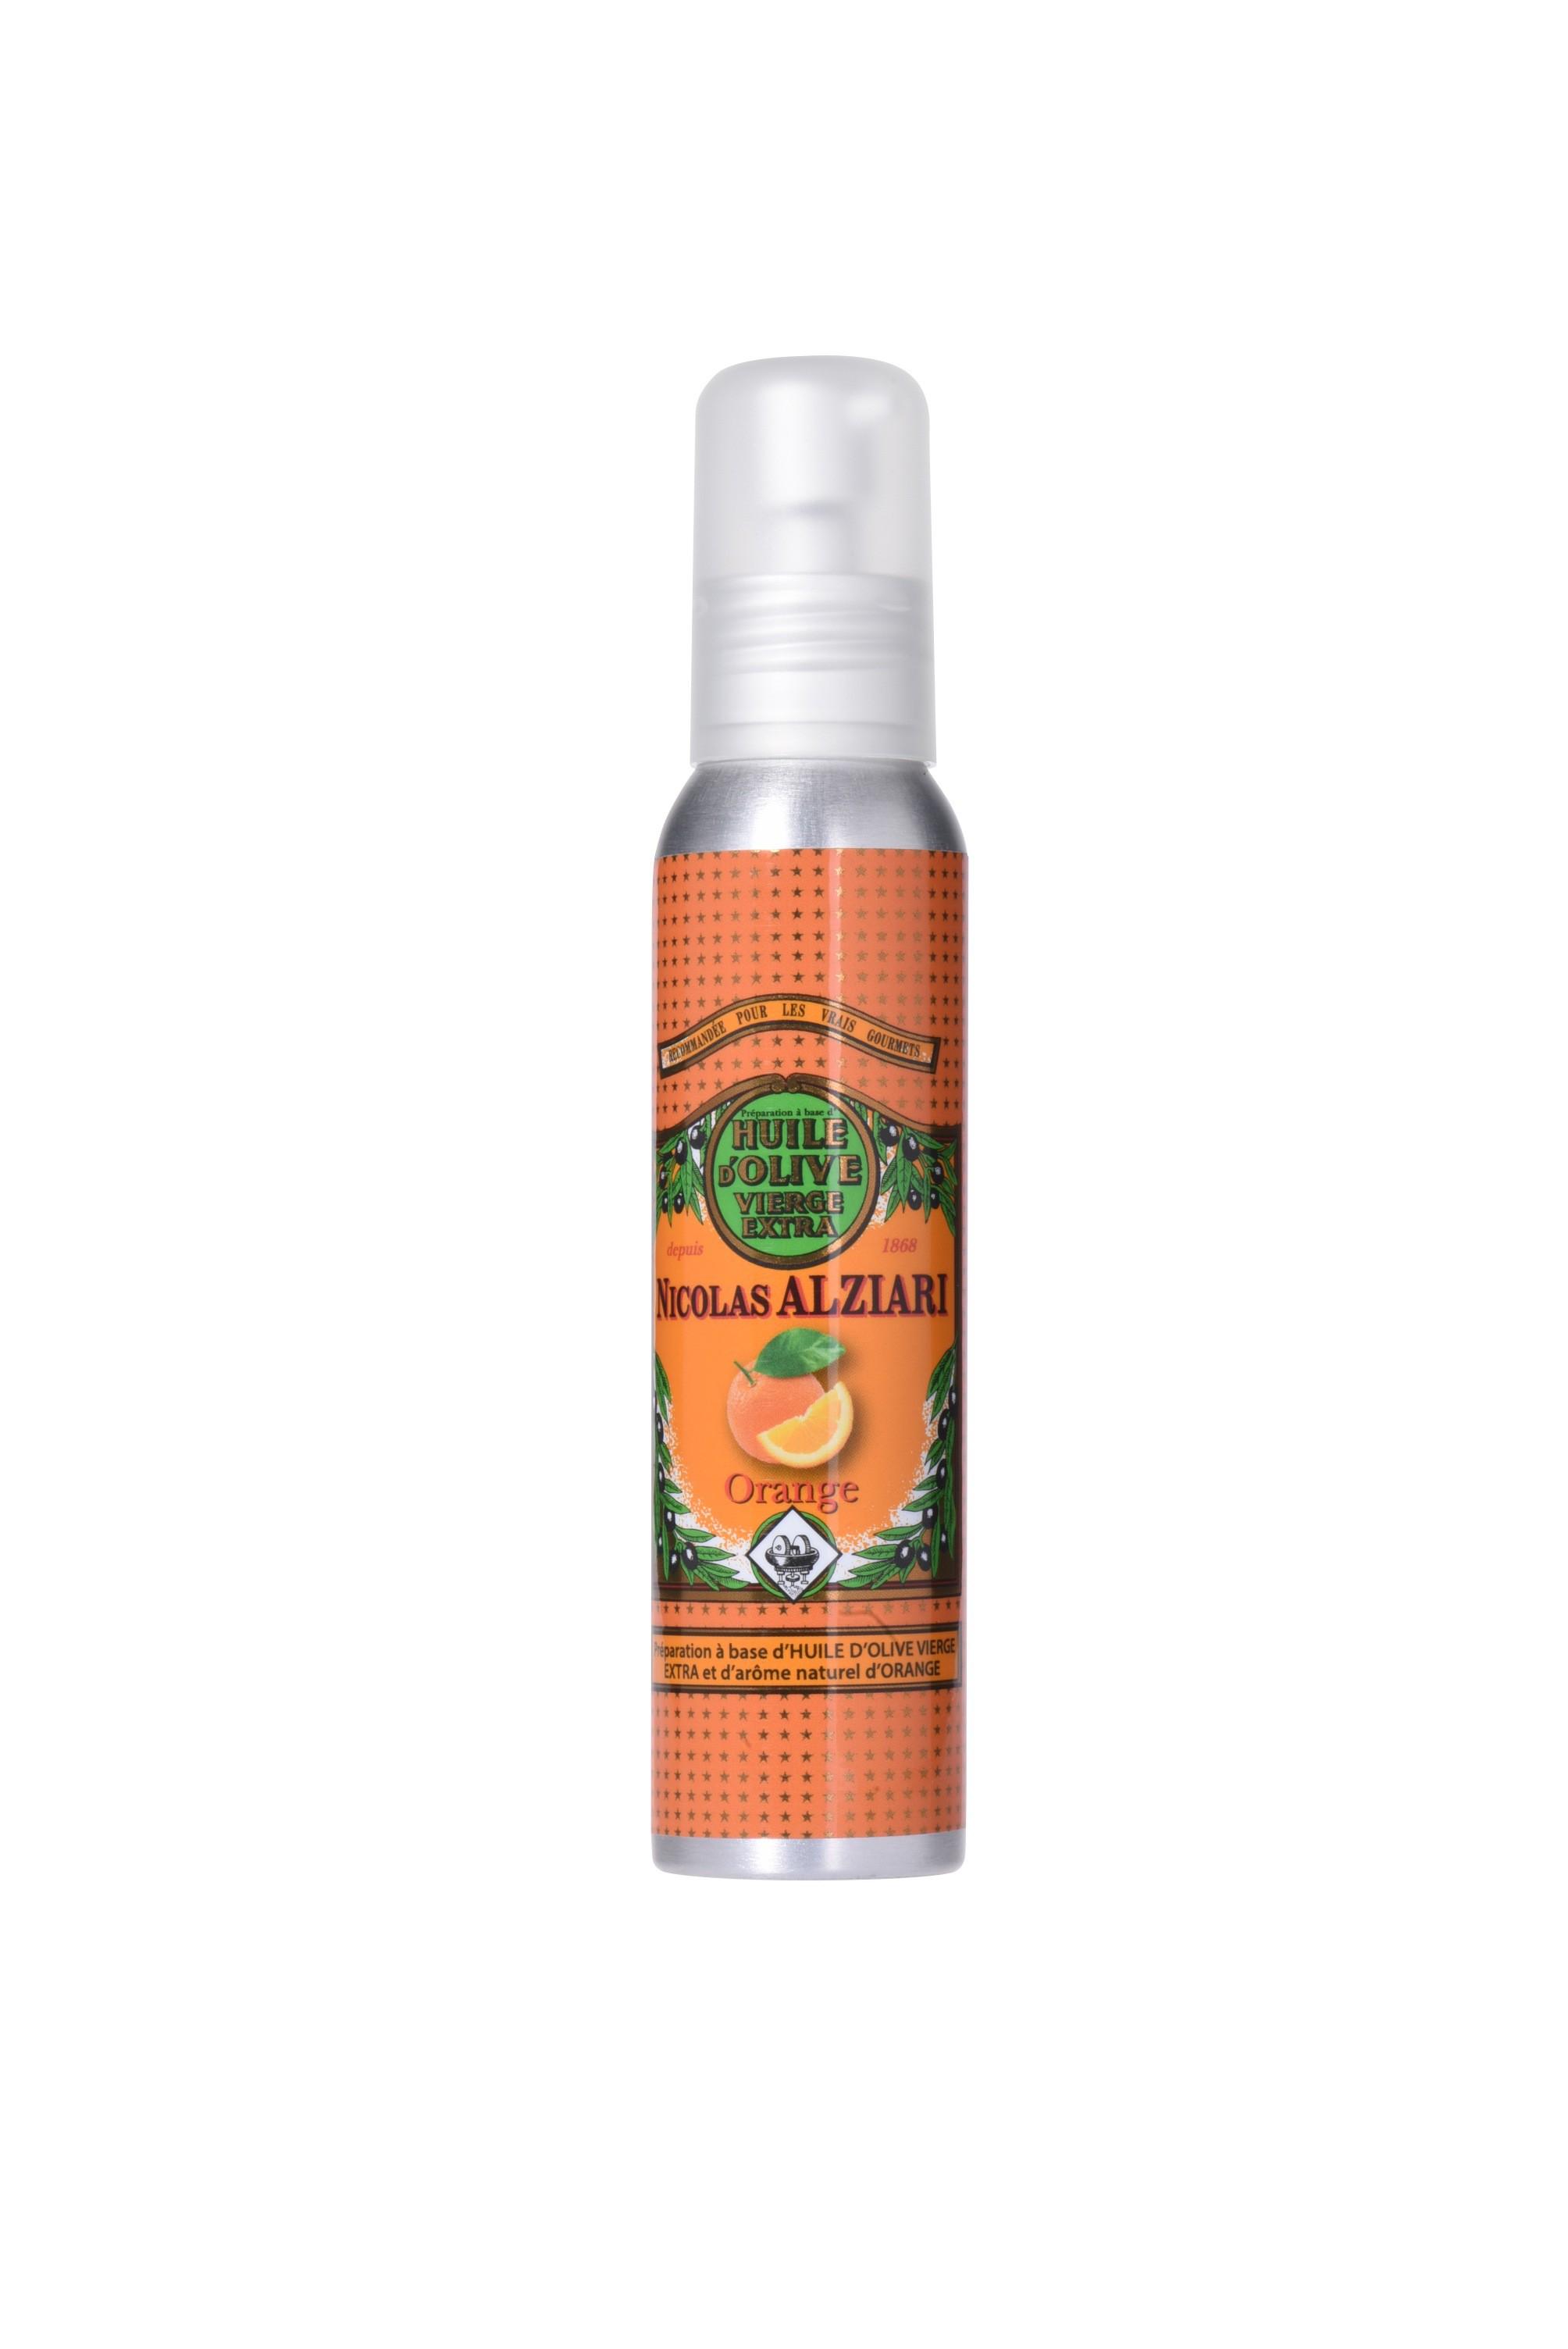 ORANGE - Préparation culinaire à base d'huile d'olive et d'arôme naturel ORANGE 100 ML (flacon pompe)